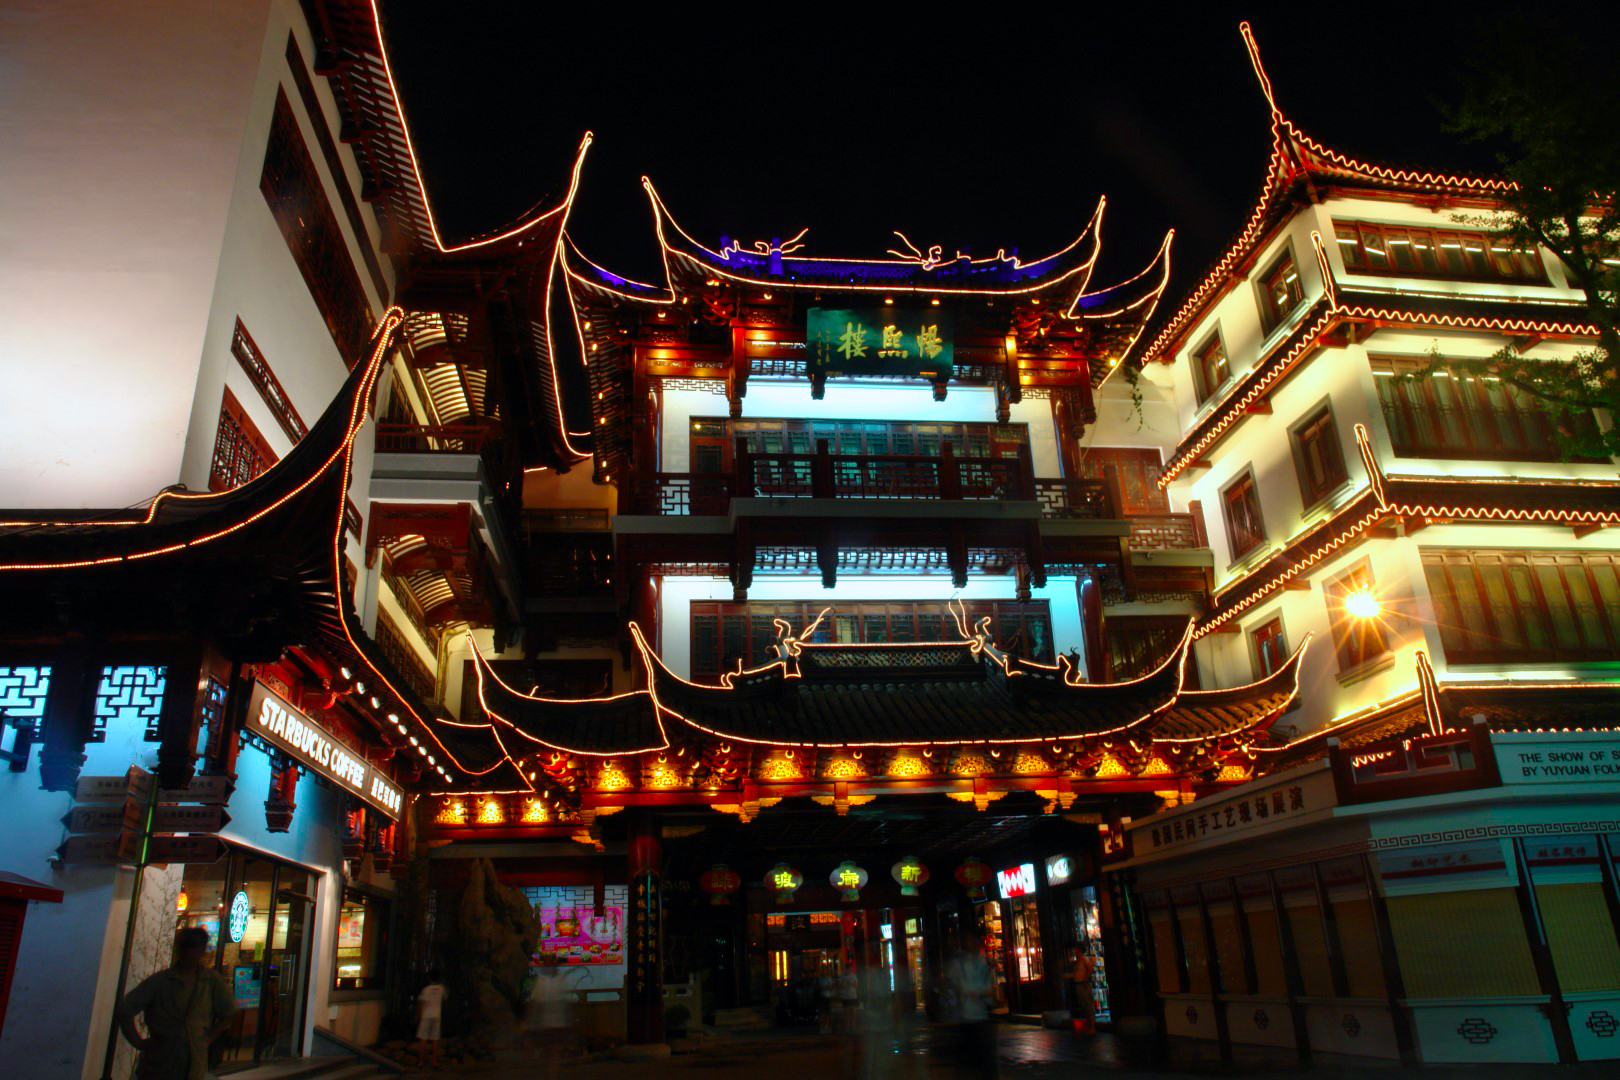 qué ver en Shanghai, China qué ver en shanghai - 31714497144 3f39469b0a o - Qué ver en Shanghai, China